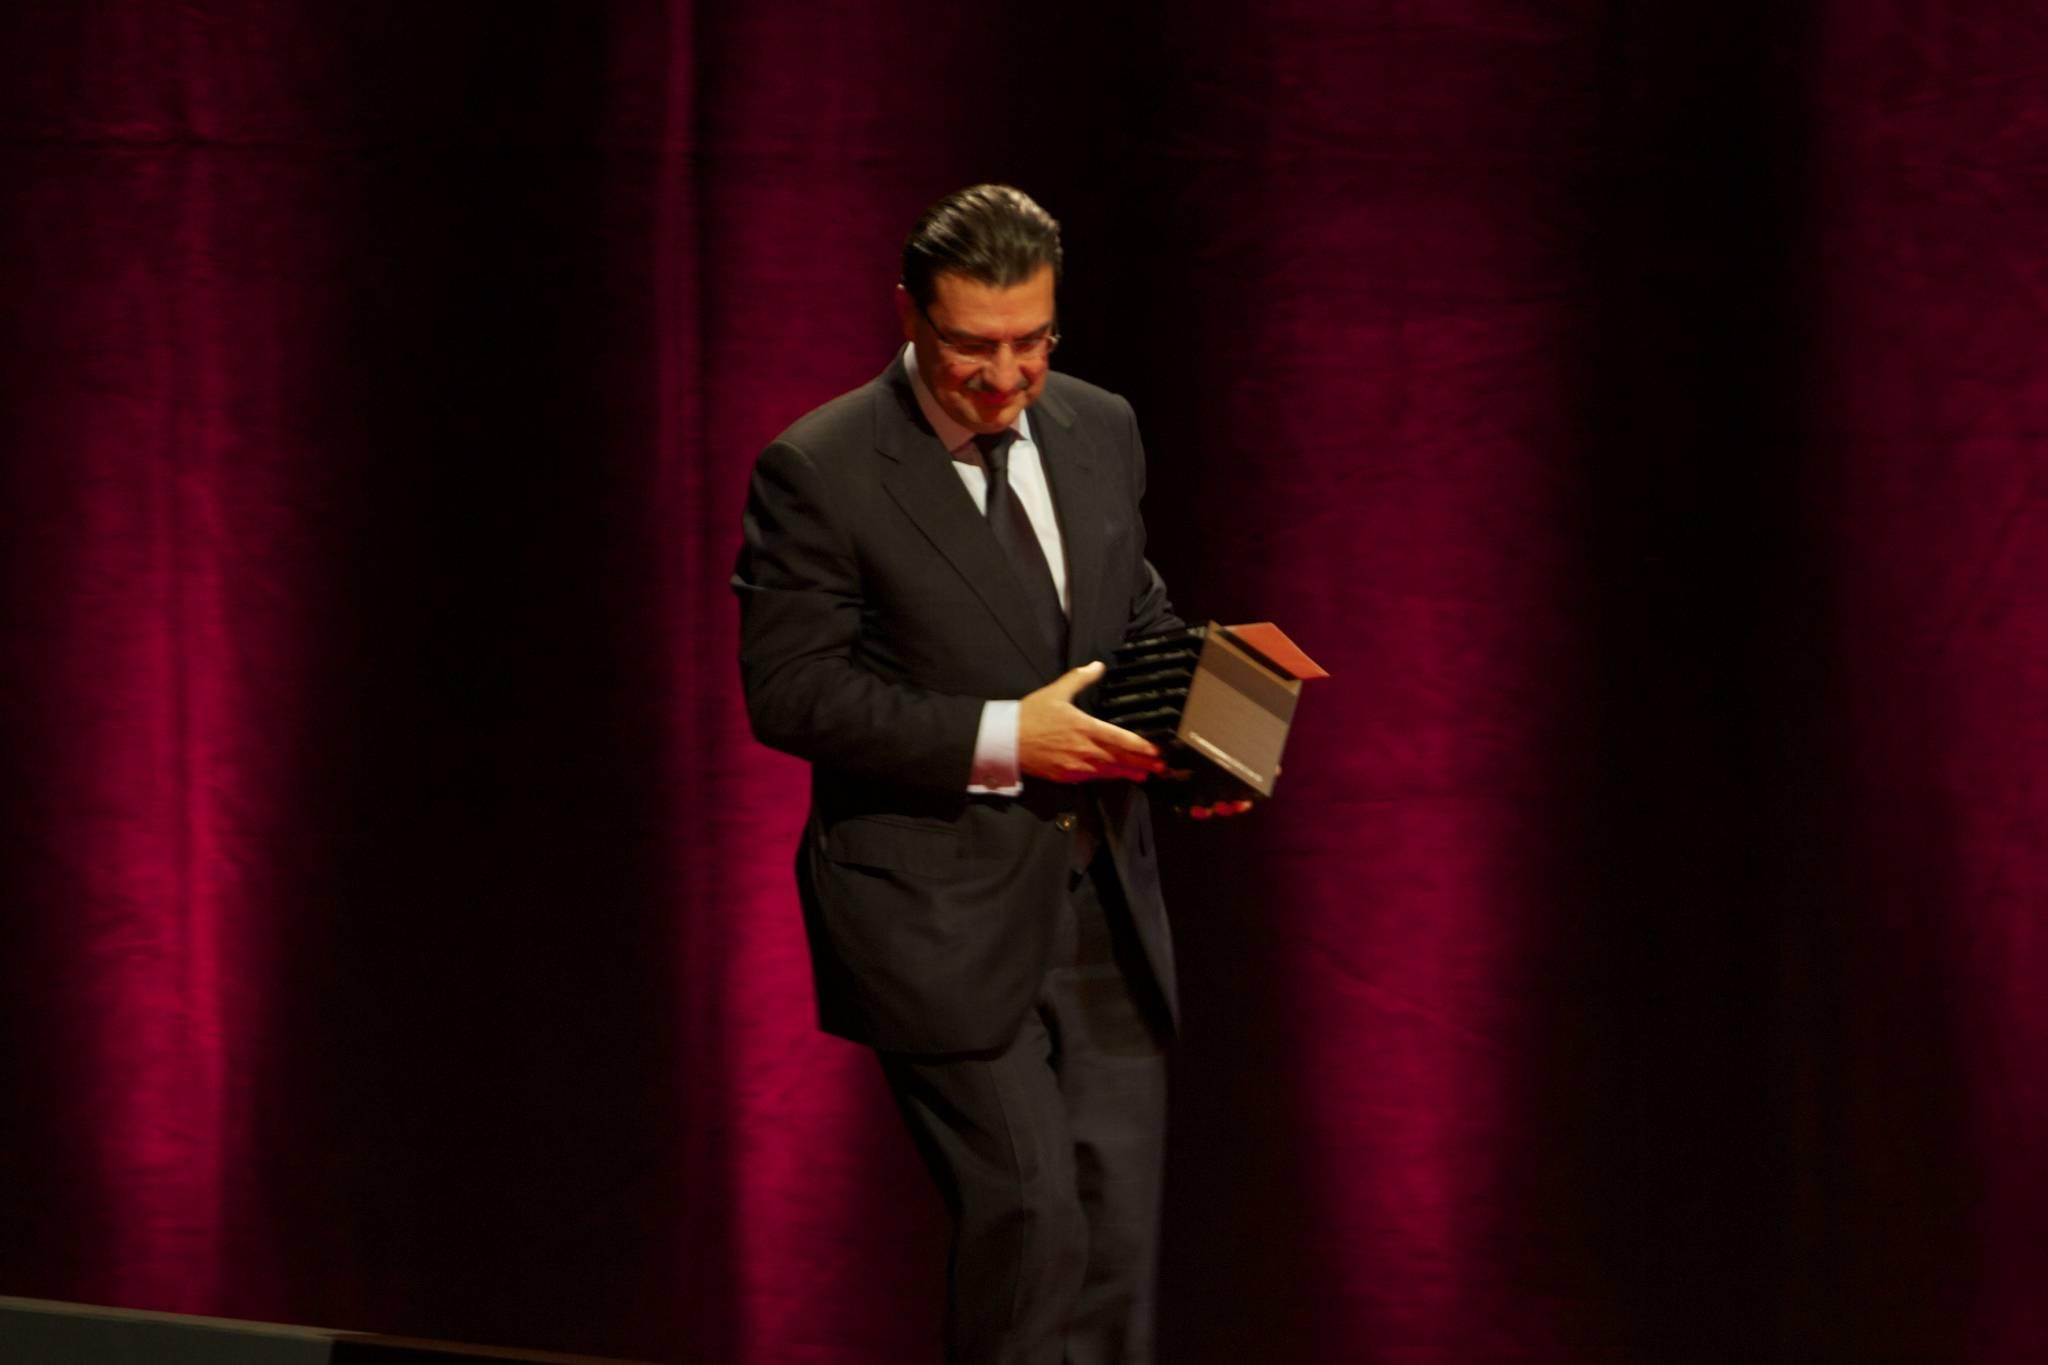 Juan Carlos Torres, CEO of Vacheron Constantin, 2010 ceremony